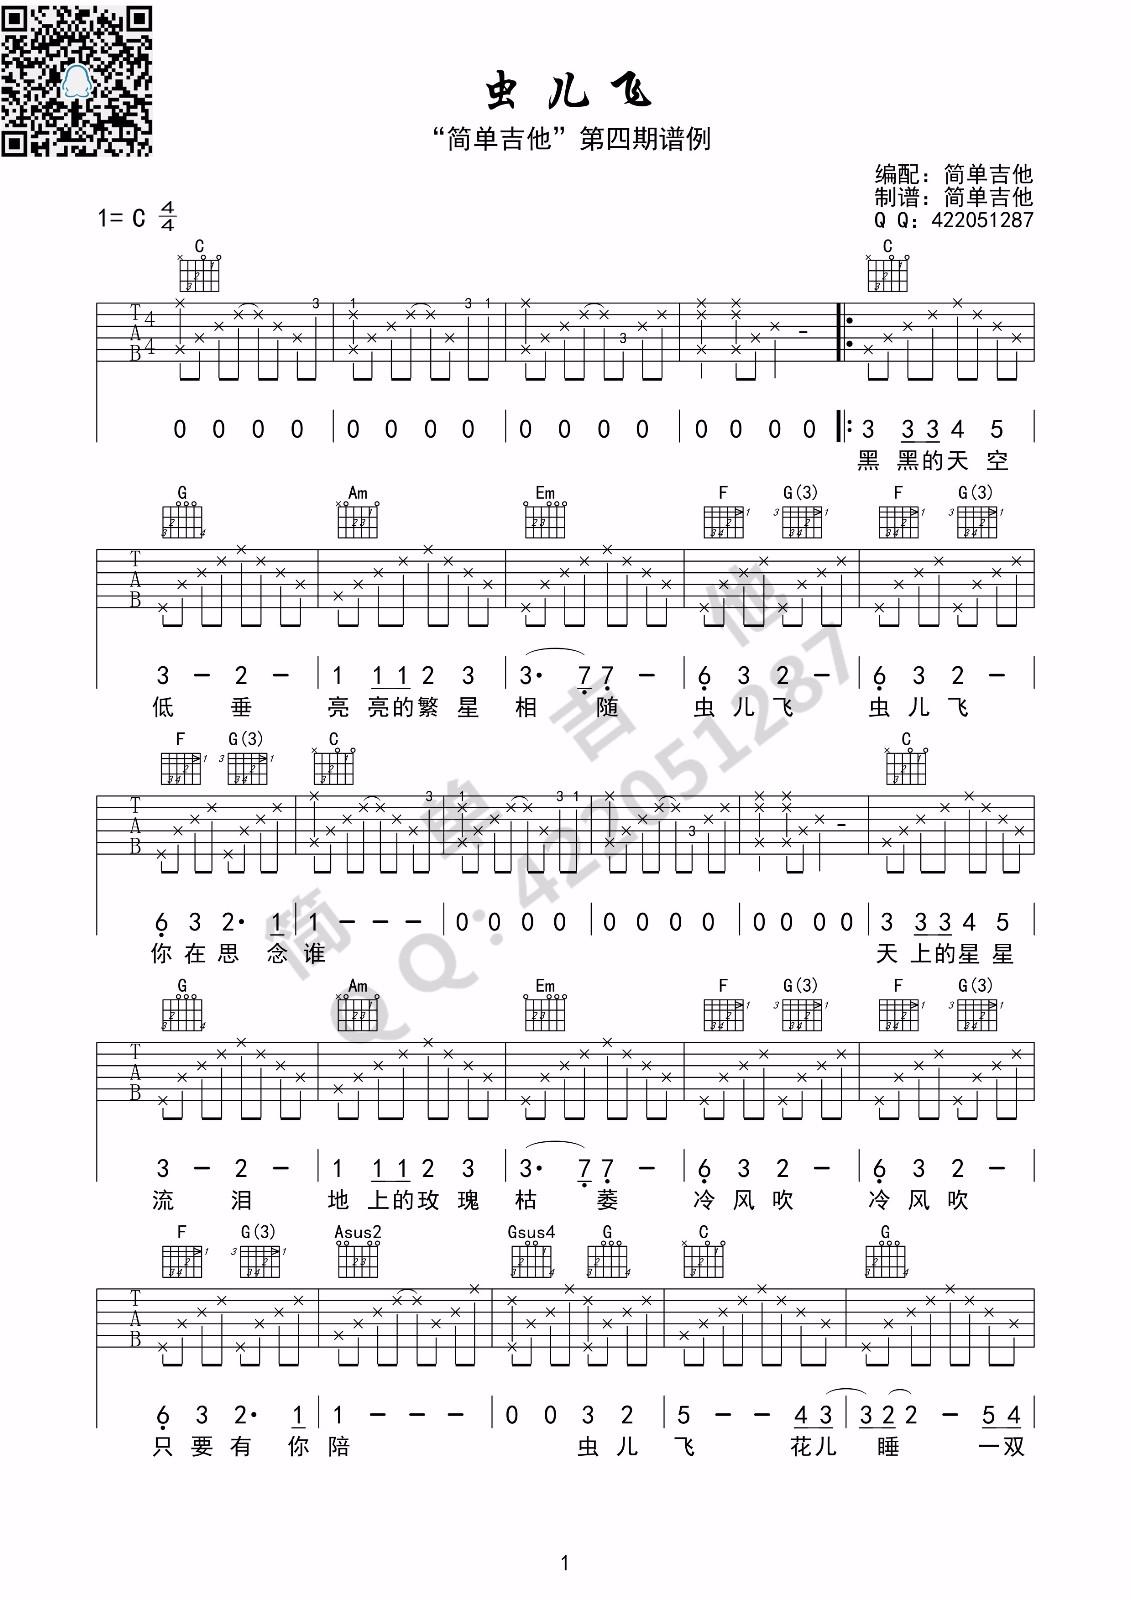 虫儿飞 郑伊健 - 吉他谱(简单吉他编配制谱) - 嗨吉他